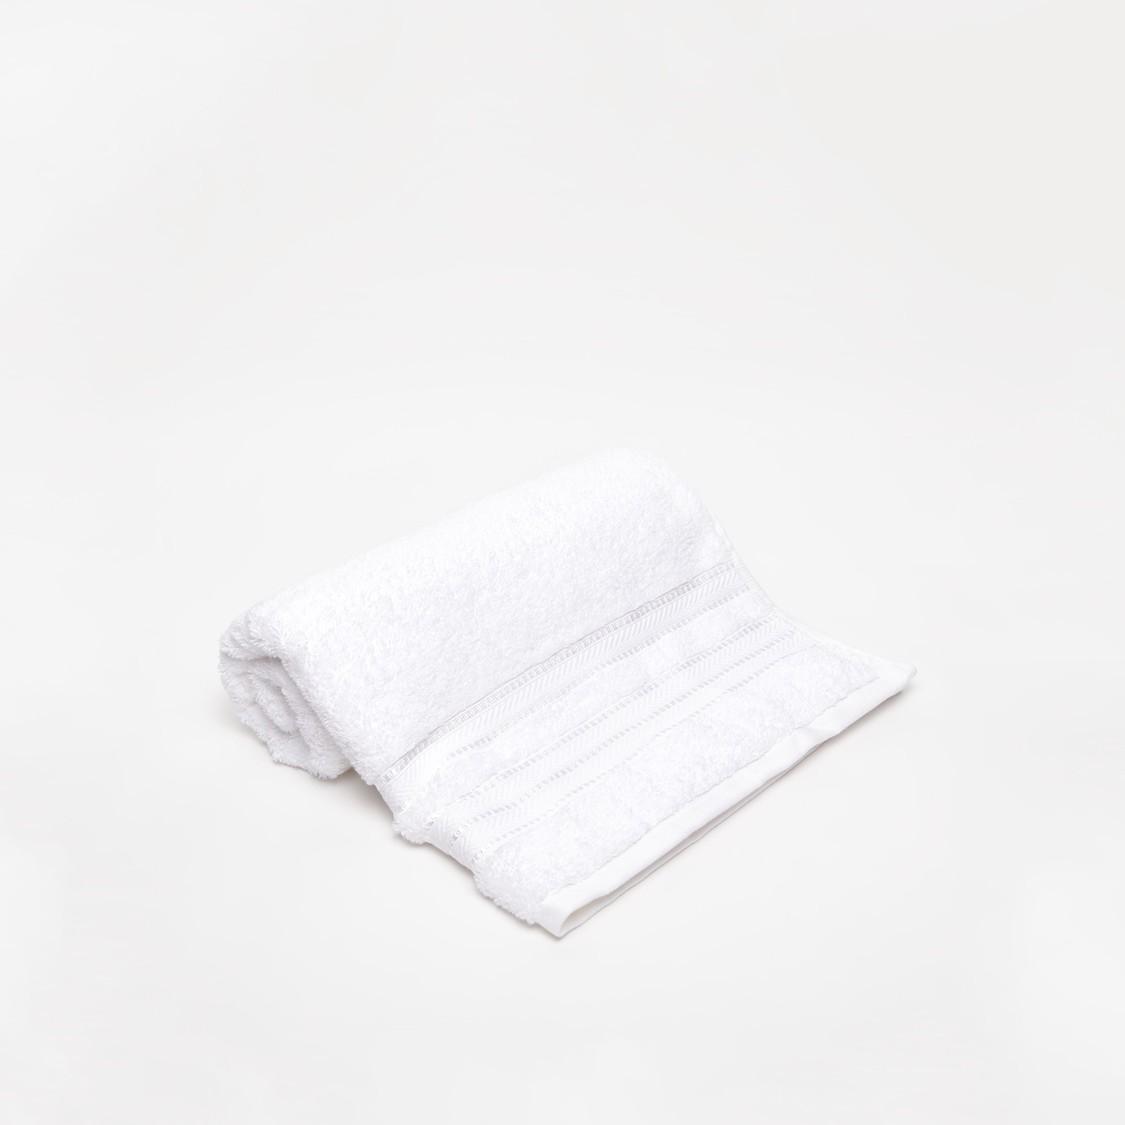 Textured Egyptian Bath Towel - 140x70 cms